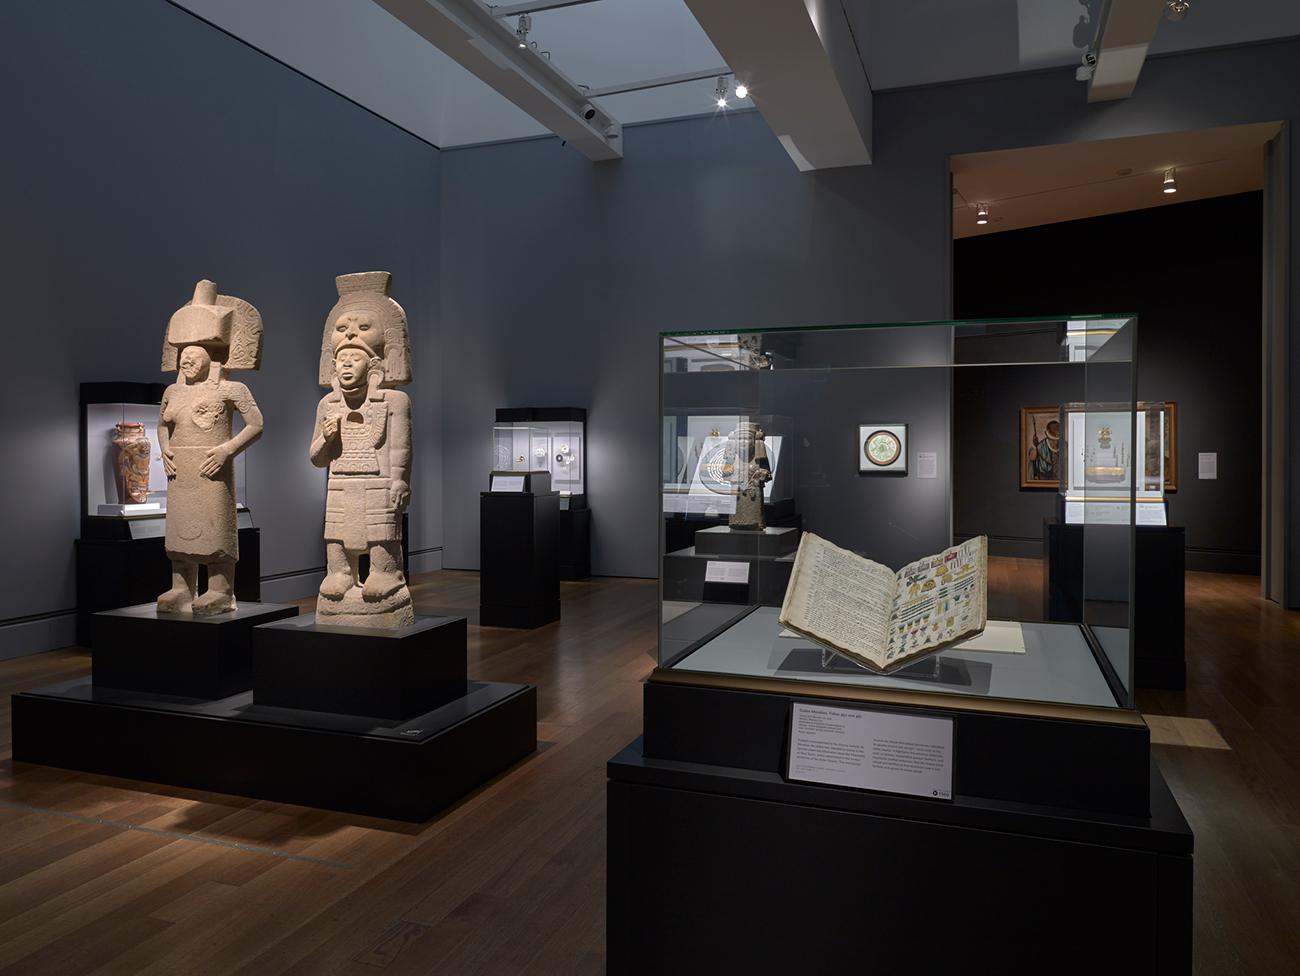 Vista de la instalación de Golden Kingdoms (Reinos del oro), mostrando un códice abierto y dos esculturas de piedra de personajes con vestimentas rituales.